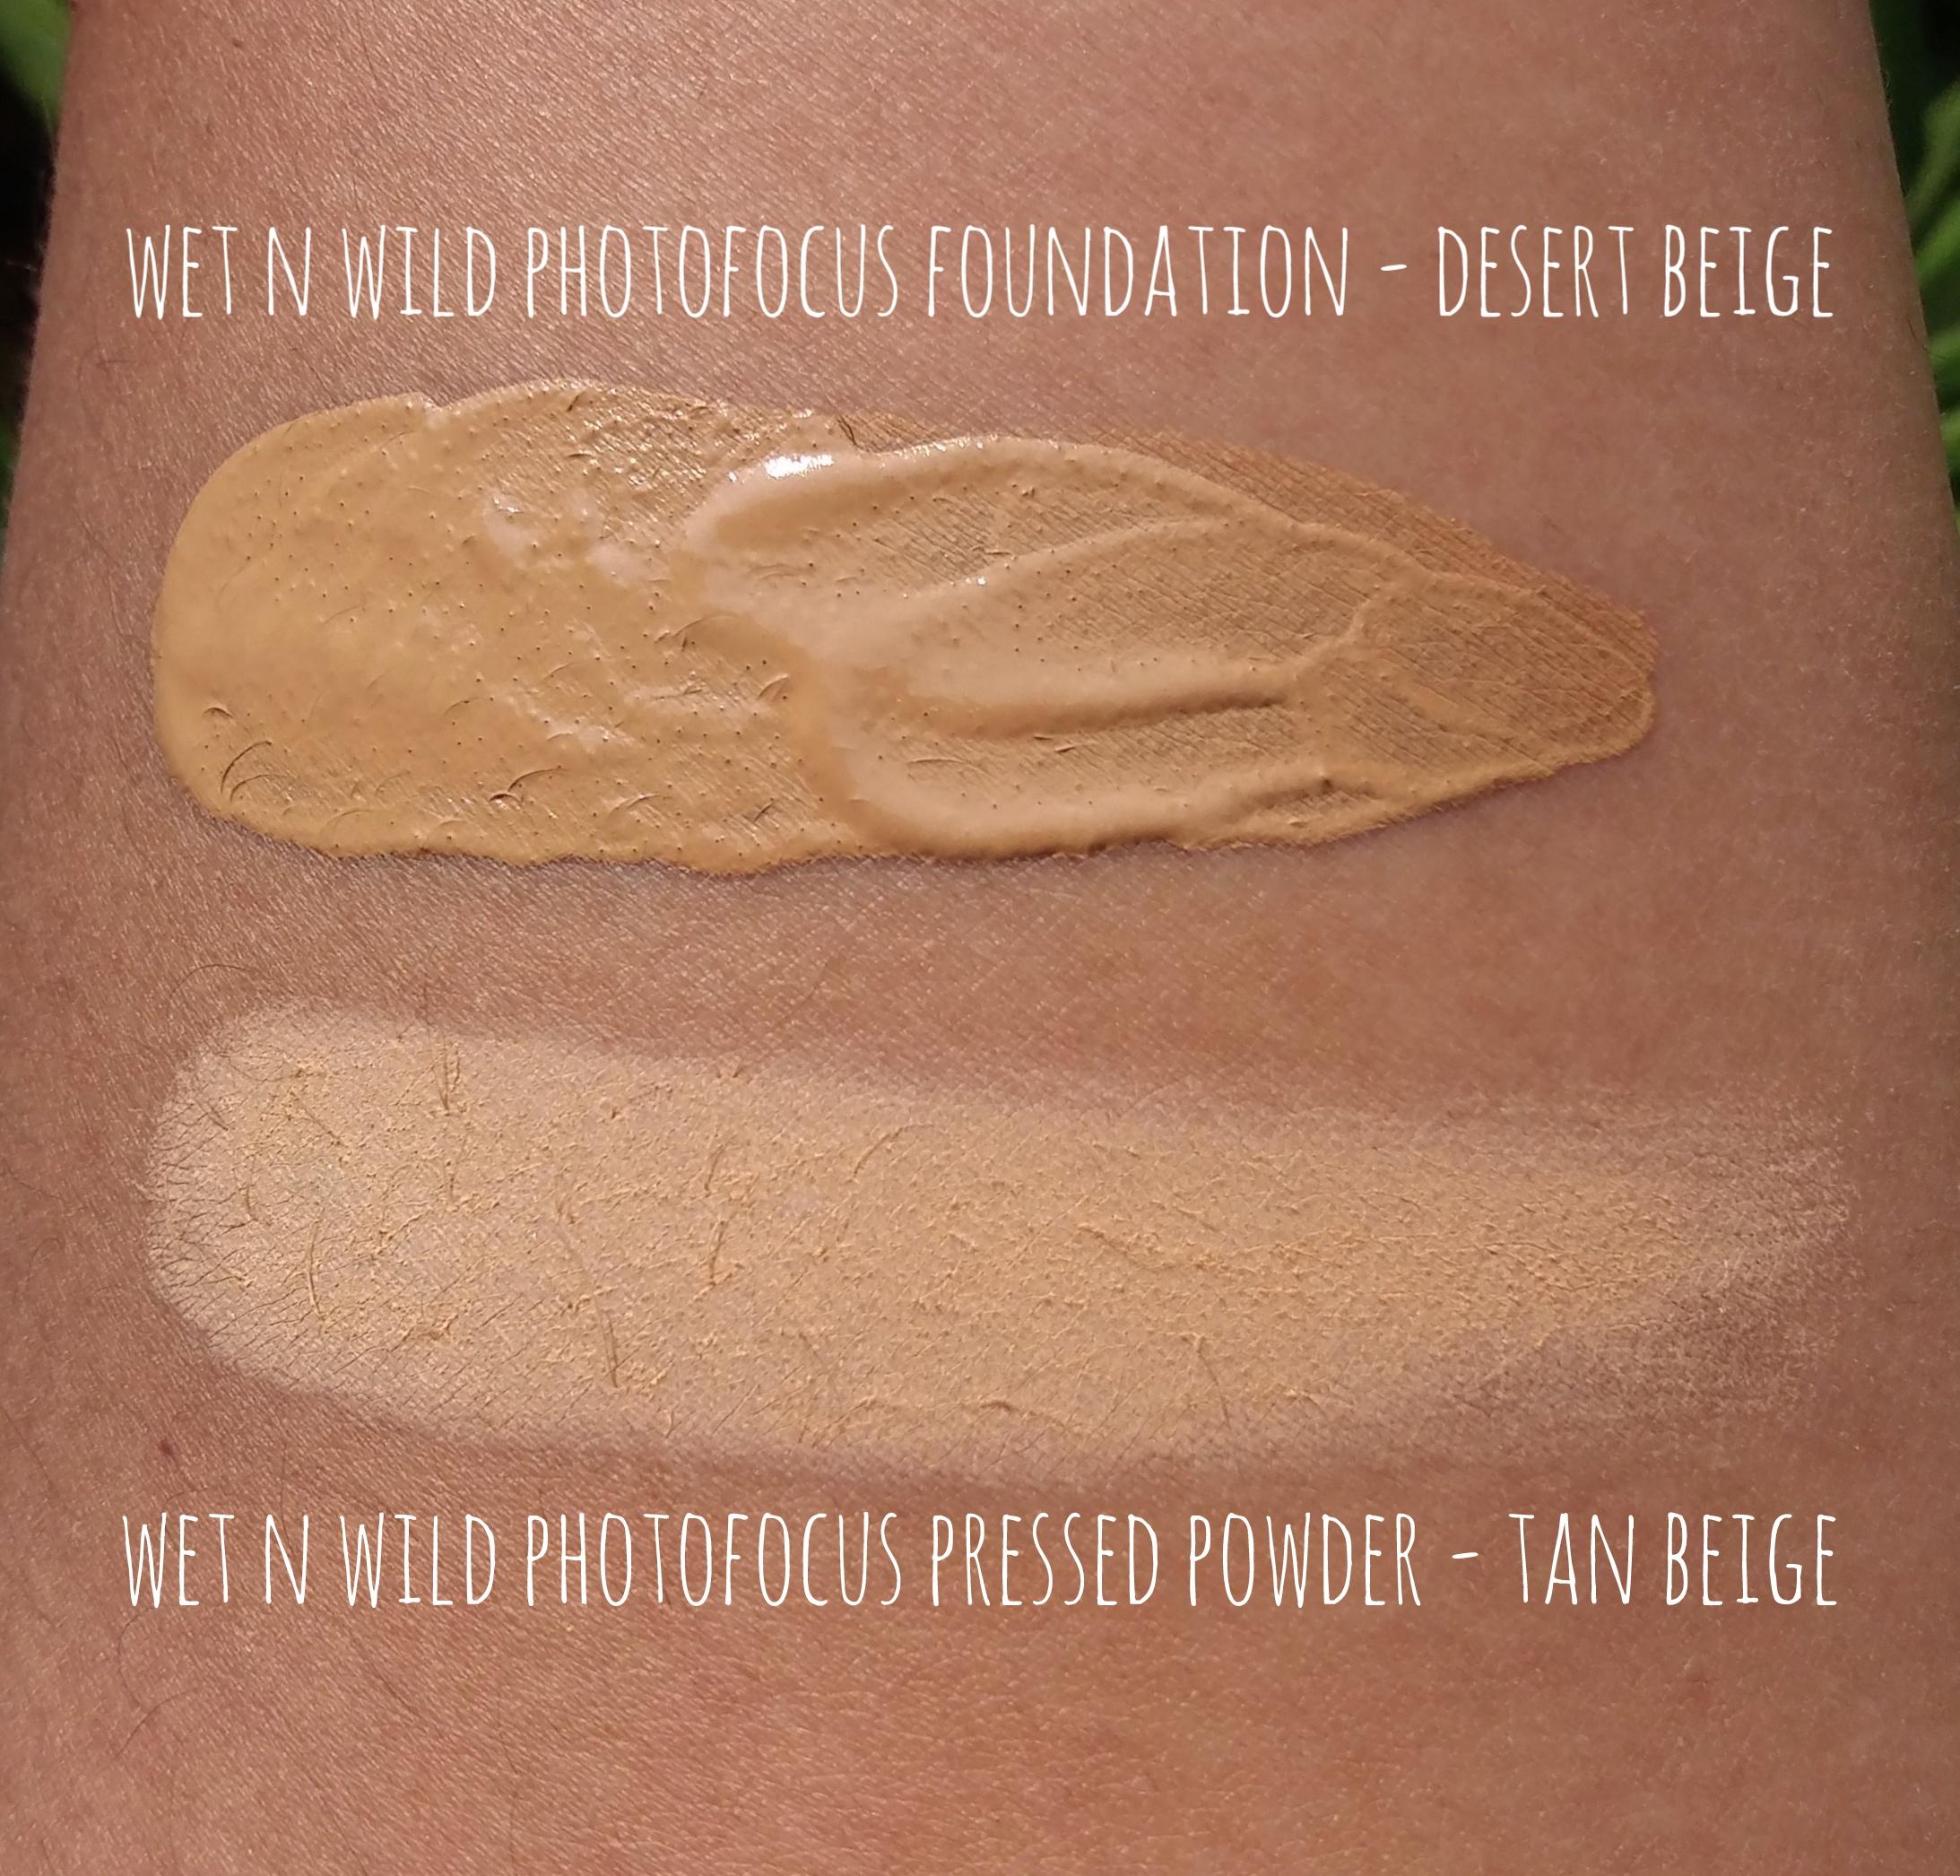 Wet n Wild PhotoFocus Foundation & Pressed Powder7.jpeg